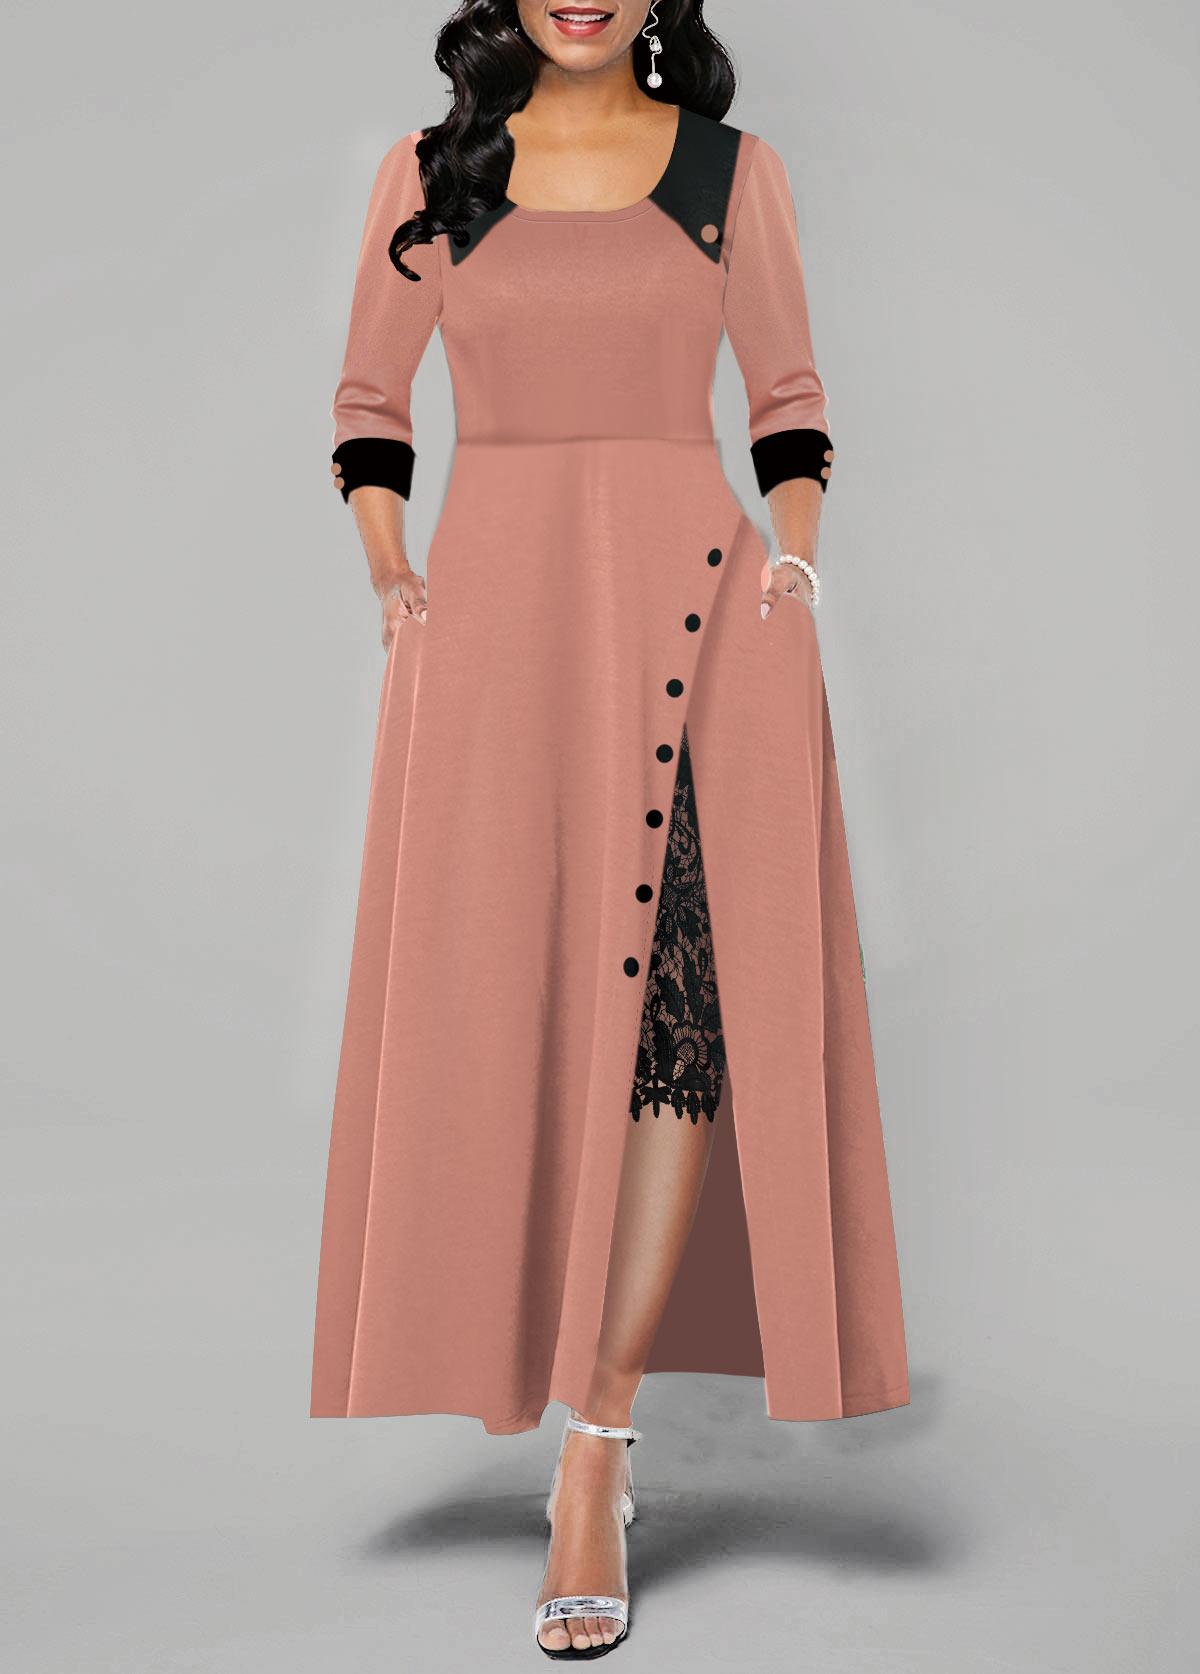 Button Detail Lace Panel Side Slit Maxi Dress